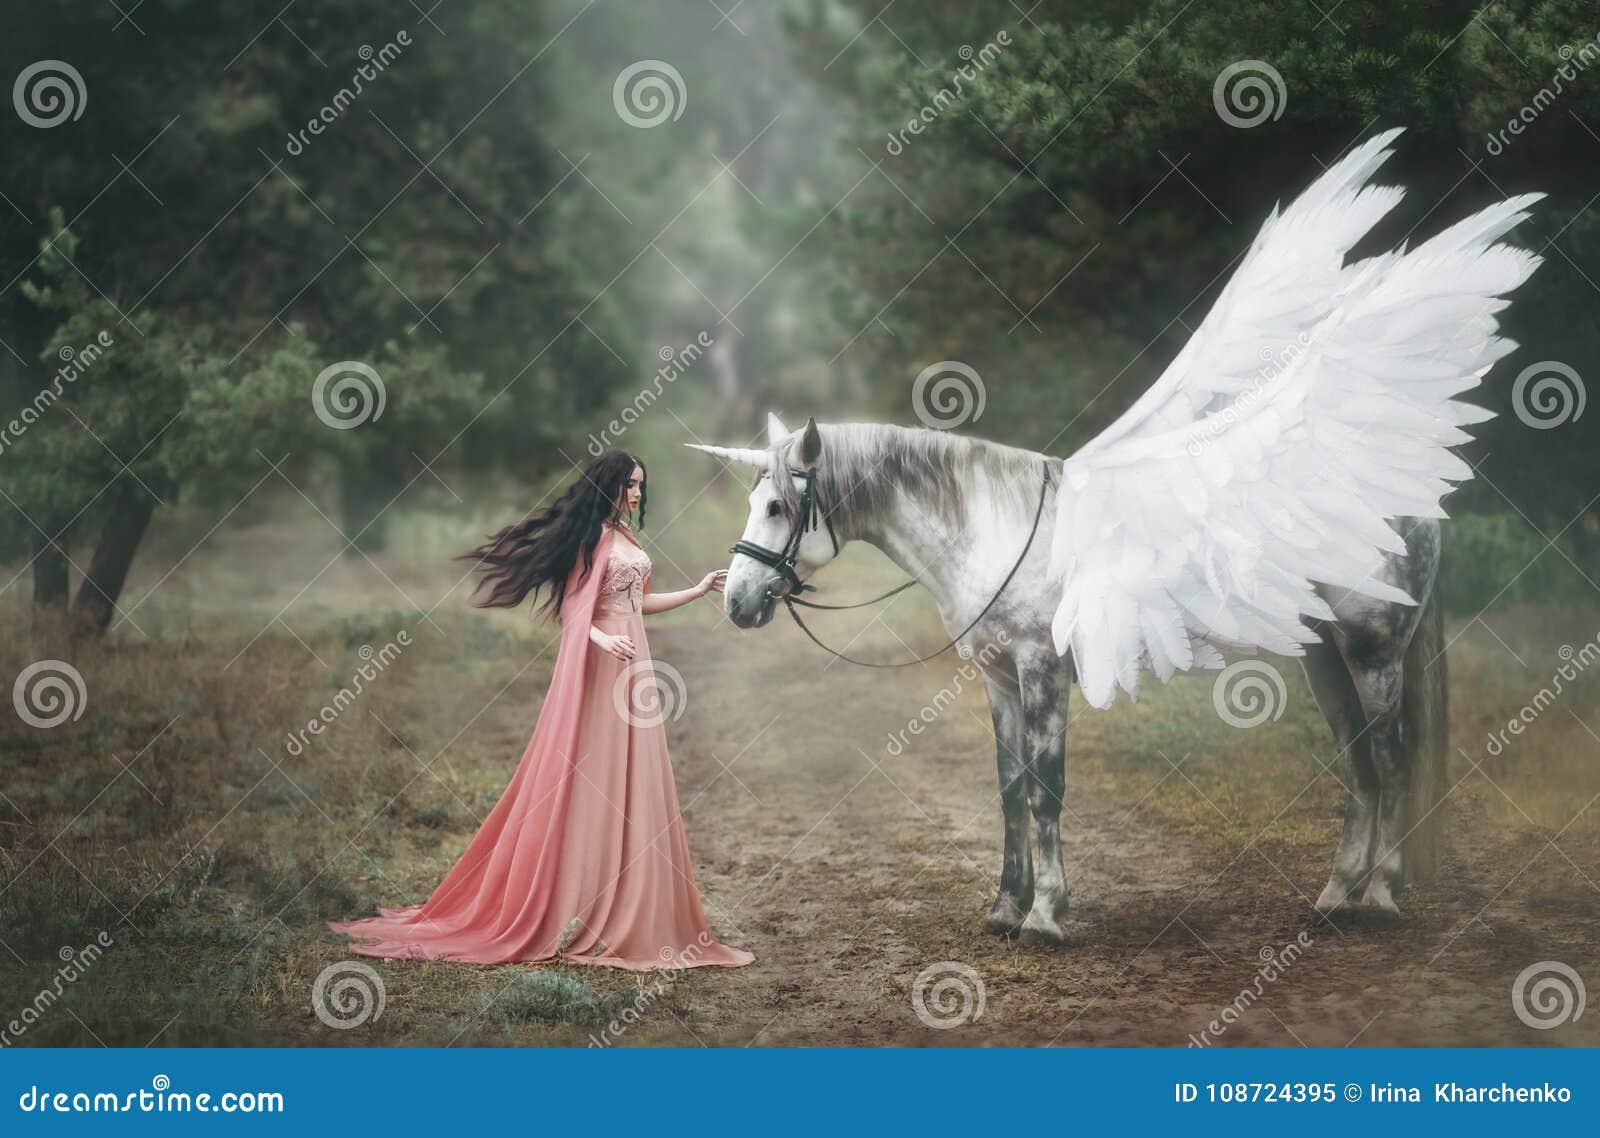 Die schöne, junge Elfe, gehend mit einem Einhorn im Wald wird sie in einem langen orange Kleid mit einem Mantel gekleidet Die Fed